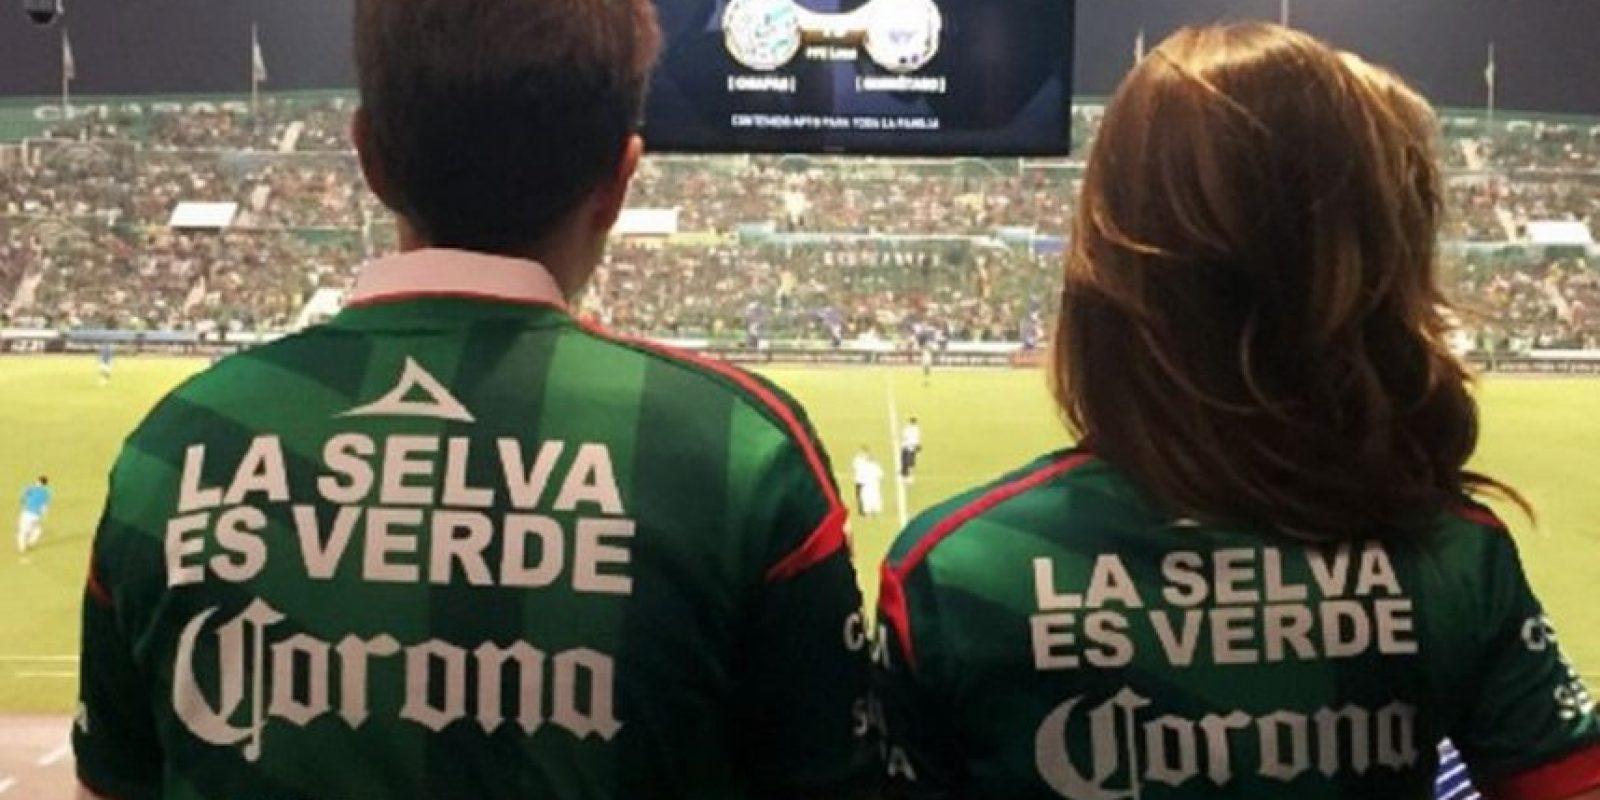 Acompañó al Gobernador de Chiapas en varios eventos oficiales como el grito de independencia Foto:Vía instagram.com/anahiofficial/